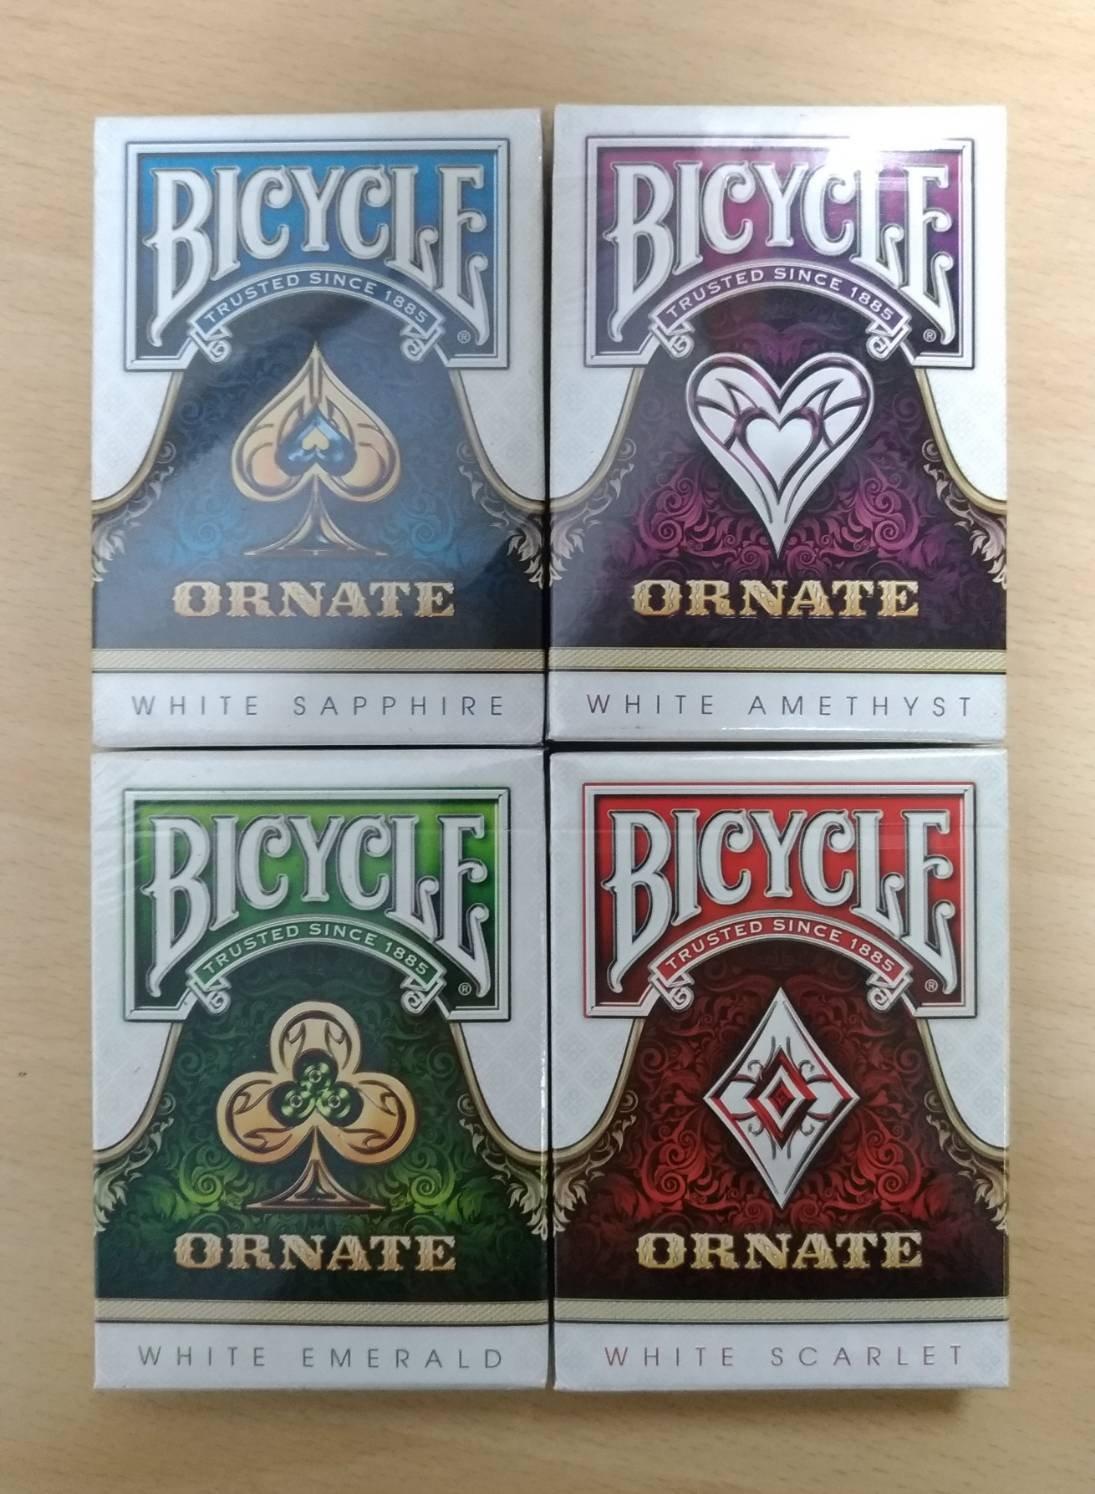 溜溜美國原裝進口 BICYCLE WHITE ORNATE 4色 華麗撲克牌 絕版 撲克牌